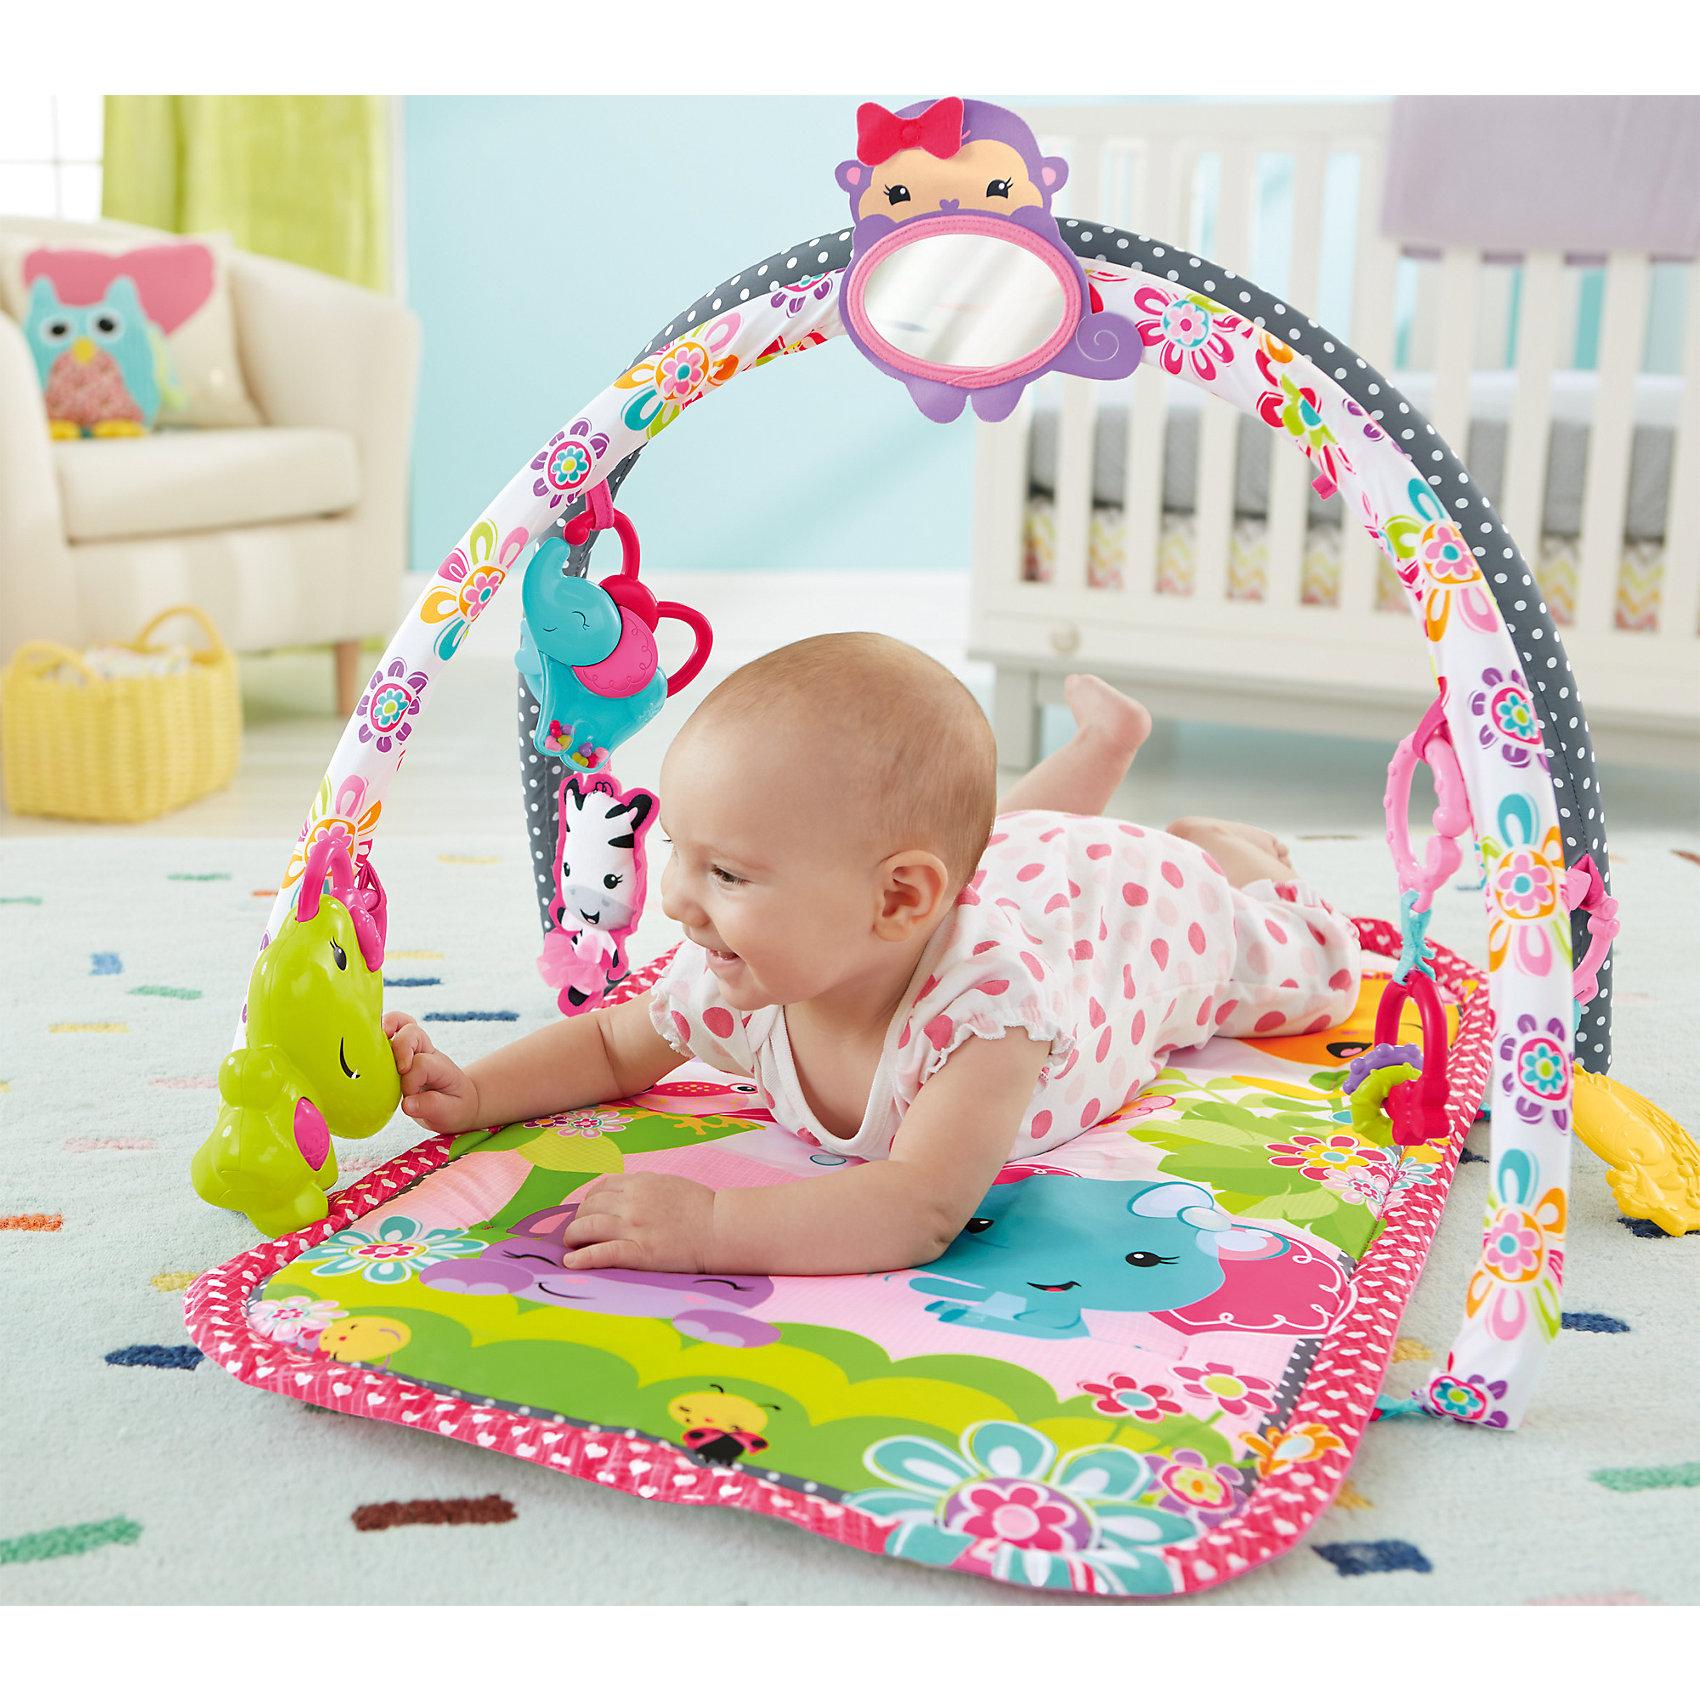 Mattel Развивающий коврик, розовый, Fisher Price